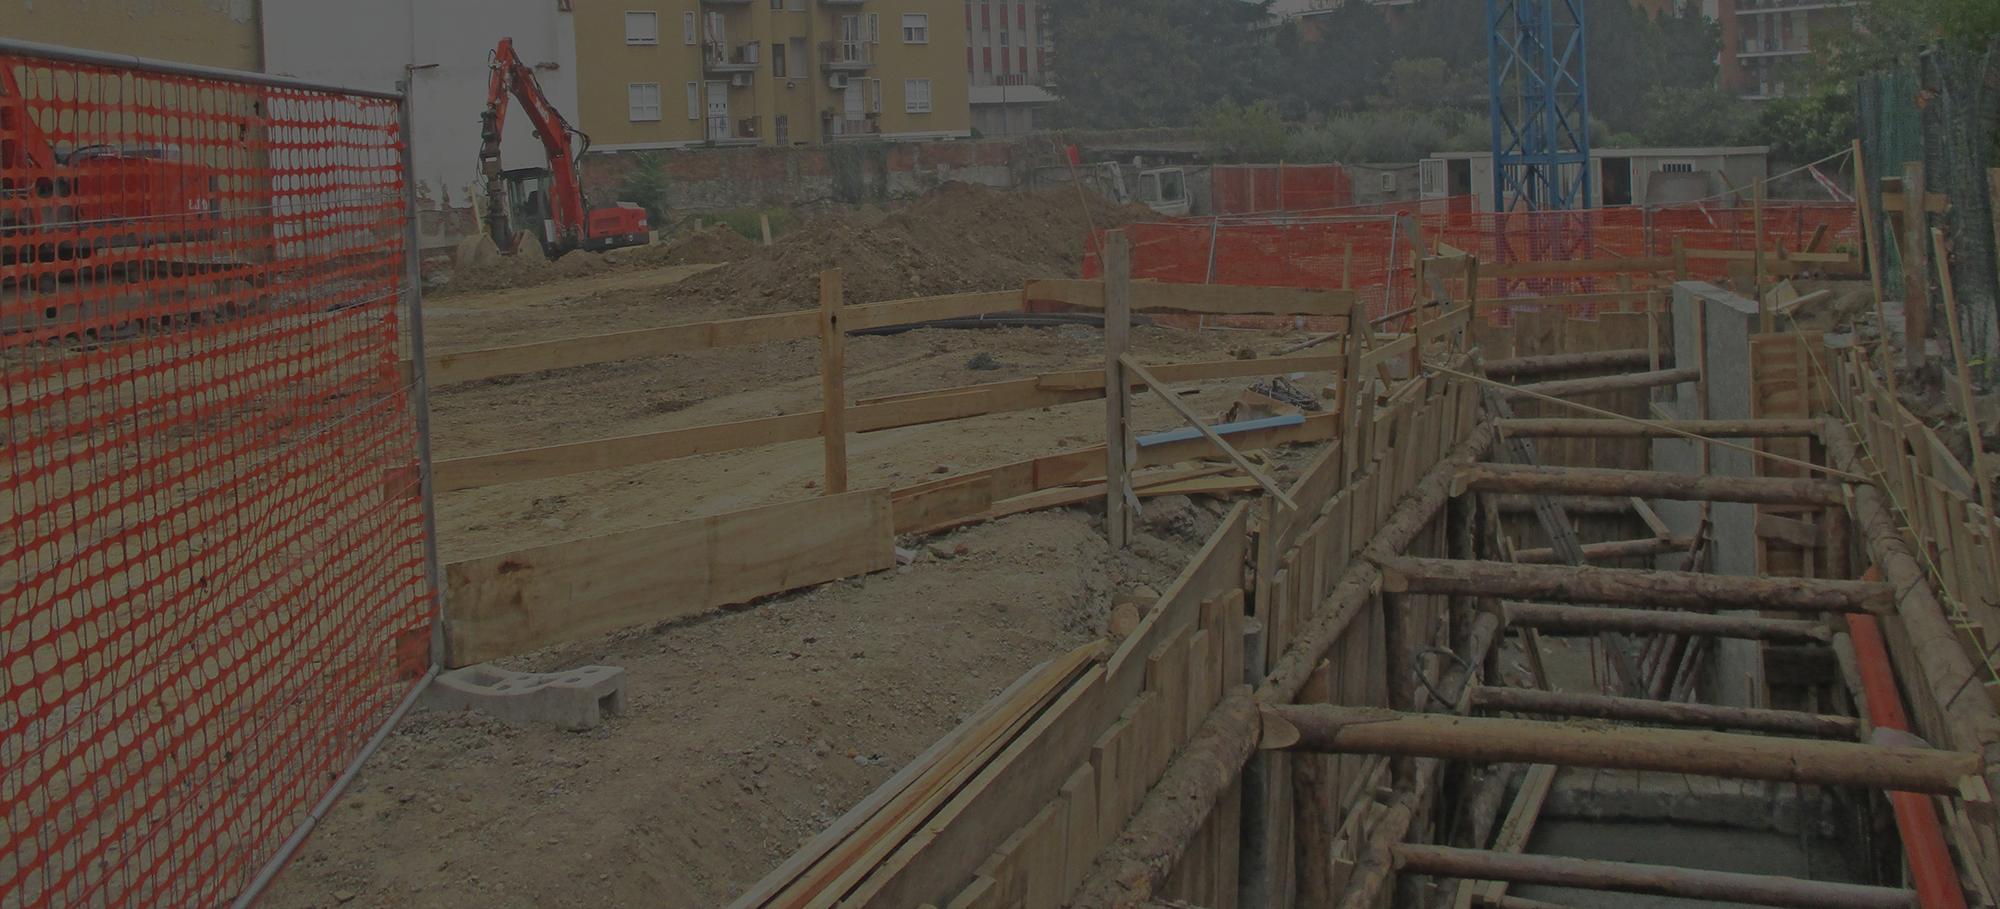 specializzati in sottomurazioni edilizia fontana sottomurazioni e scavi armati edilizia fontana sottomurazioni 17